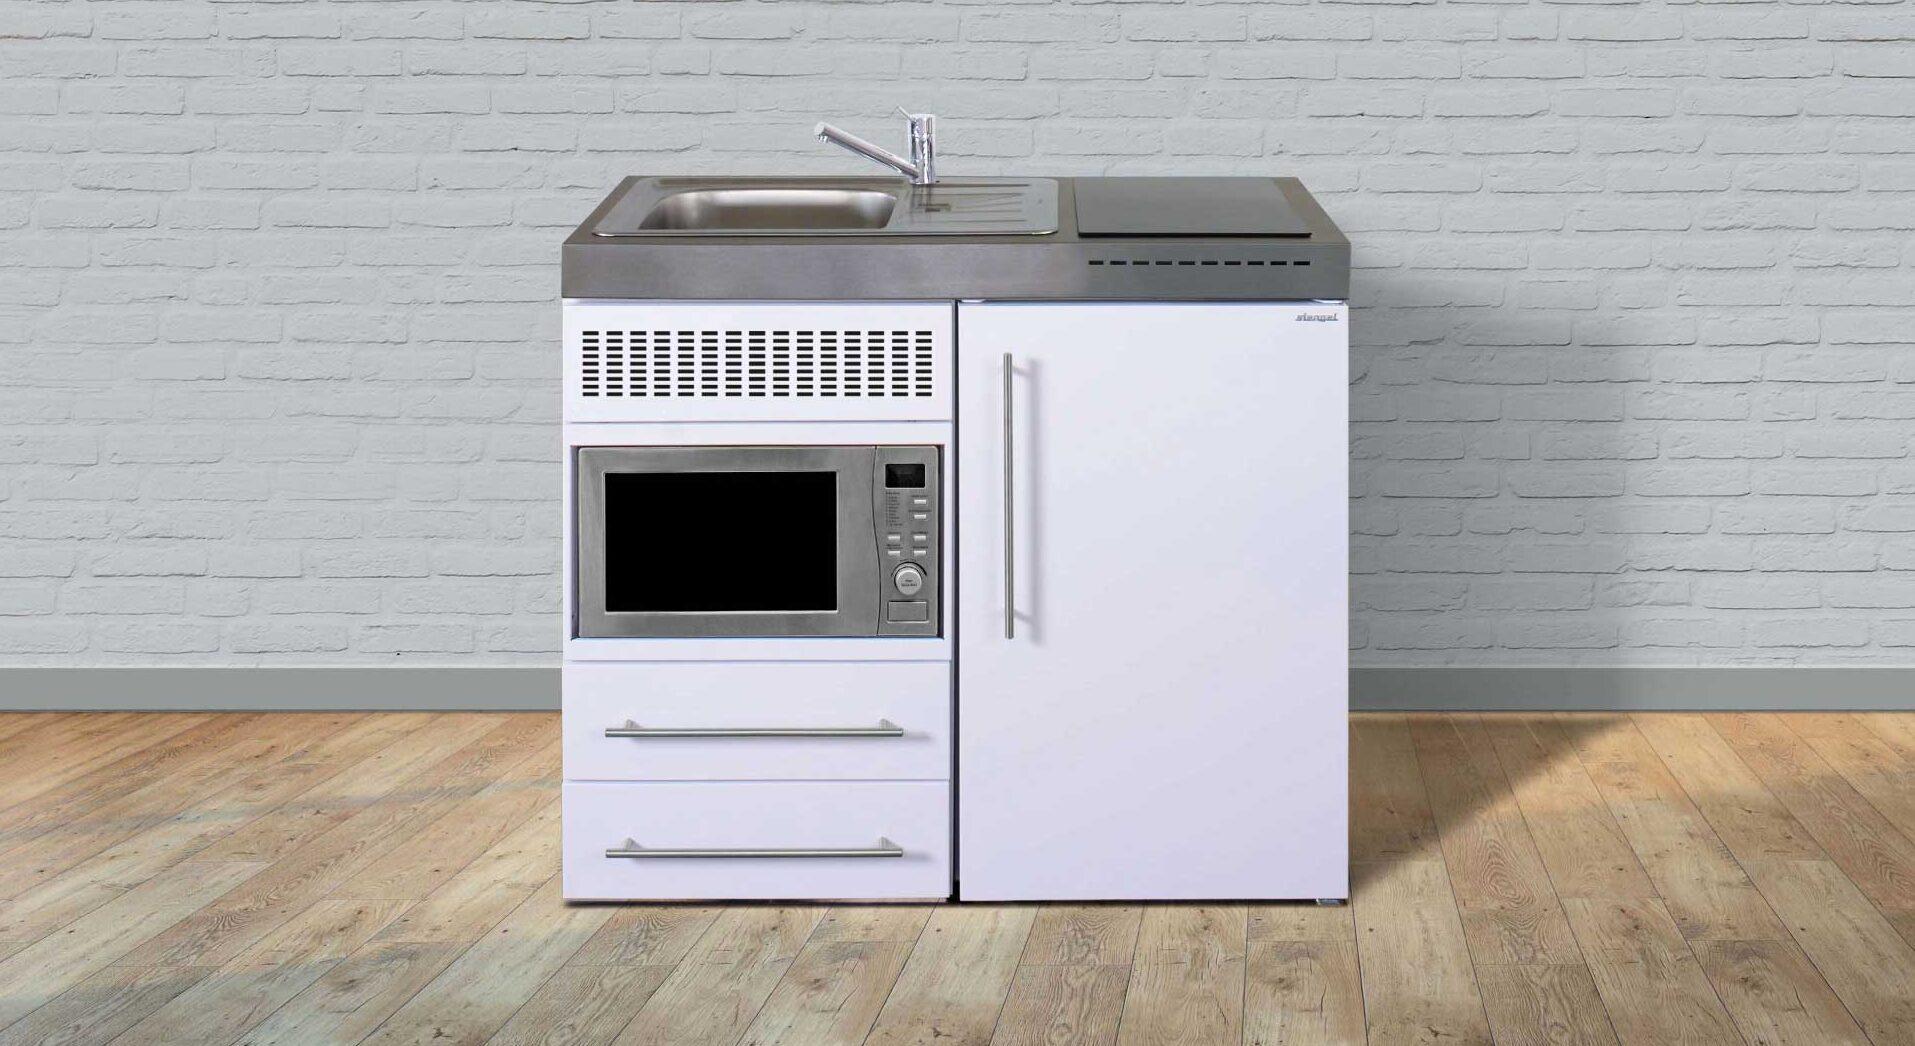 Få billigt moderne minikøkken MPM 100 i rustfrit stål - pris og tilbud hos Kimbrer Lines, Røjbækvej 3, 9640 Farsø, tlf. 2512 6789